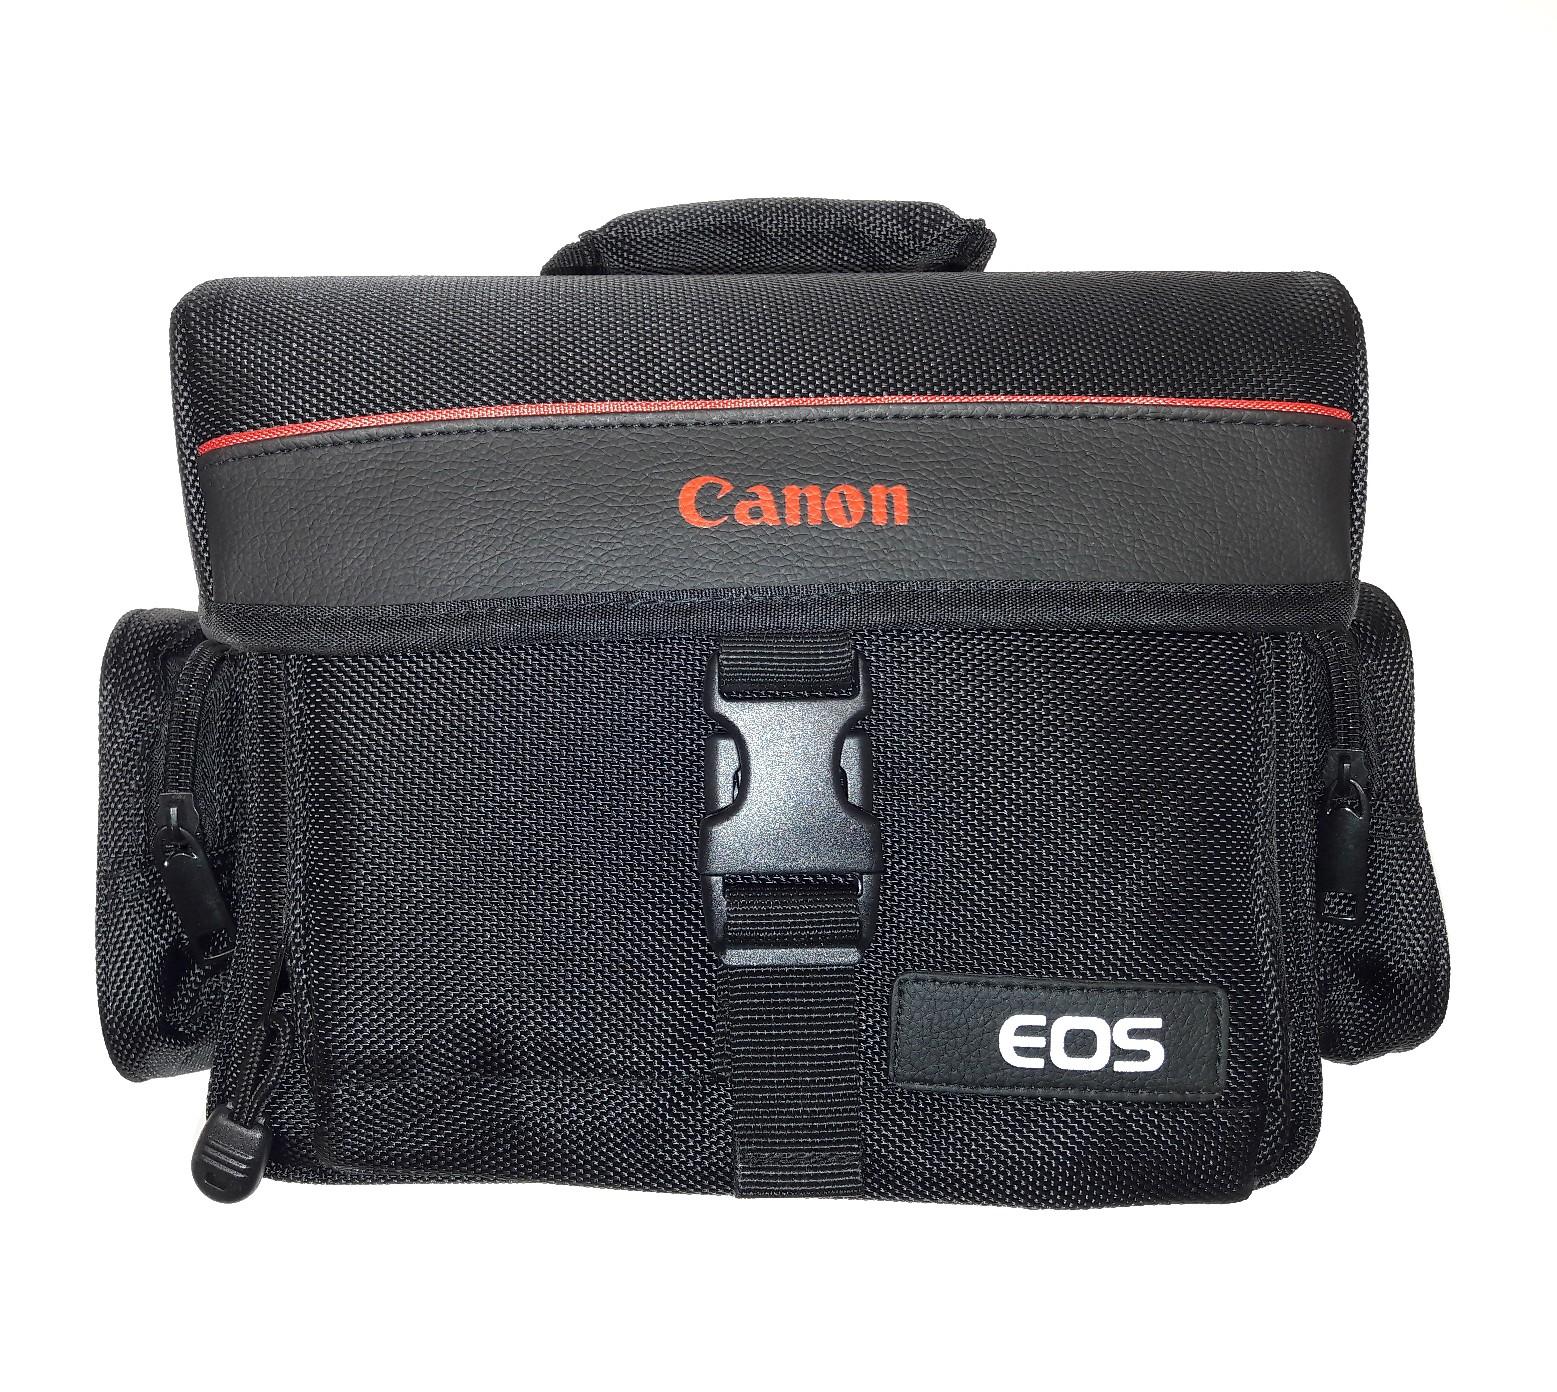 Canon borsa camera bag EOS Black